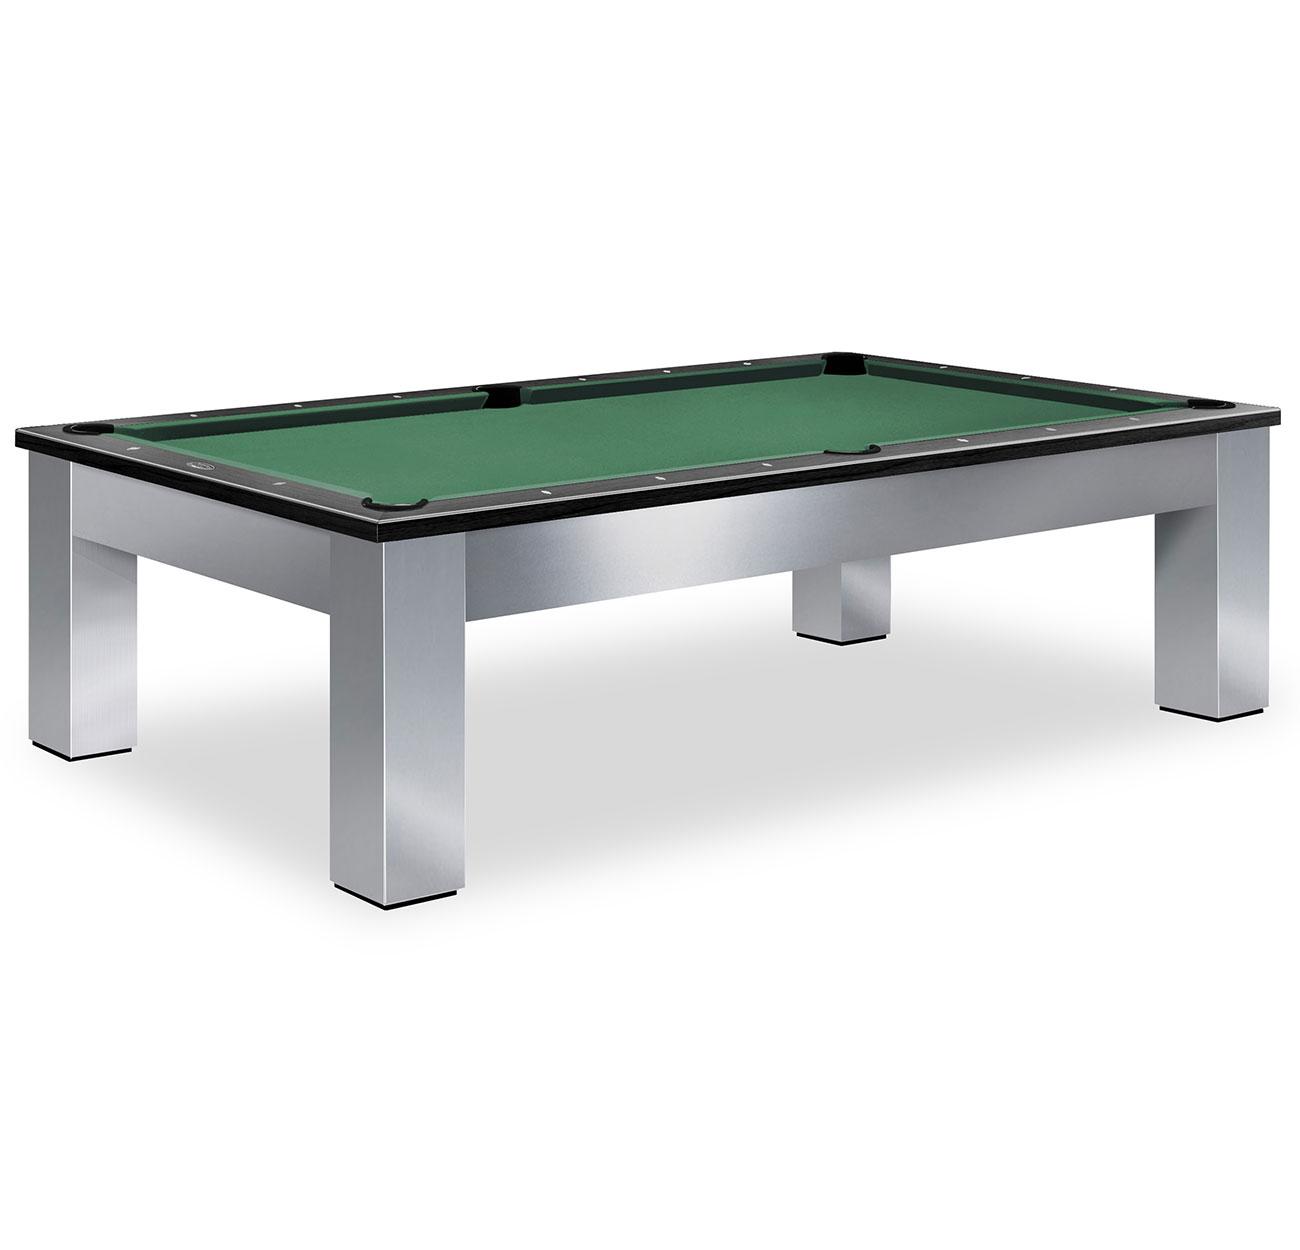 Olhausen Madison Brushed Aluminum Pool TableShop Olhausen Pool Tables - Aluminum pool table